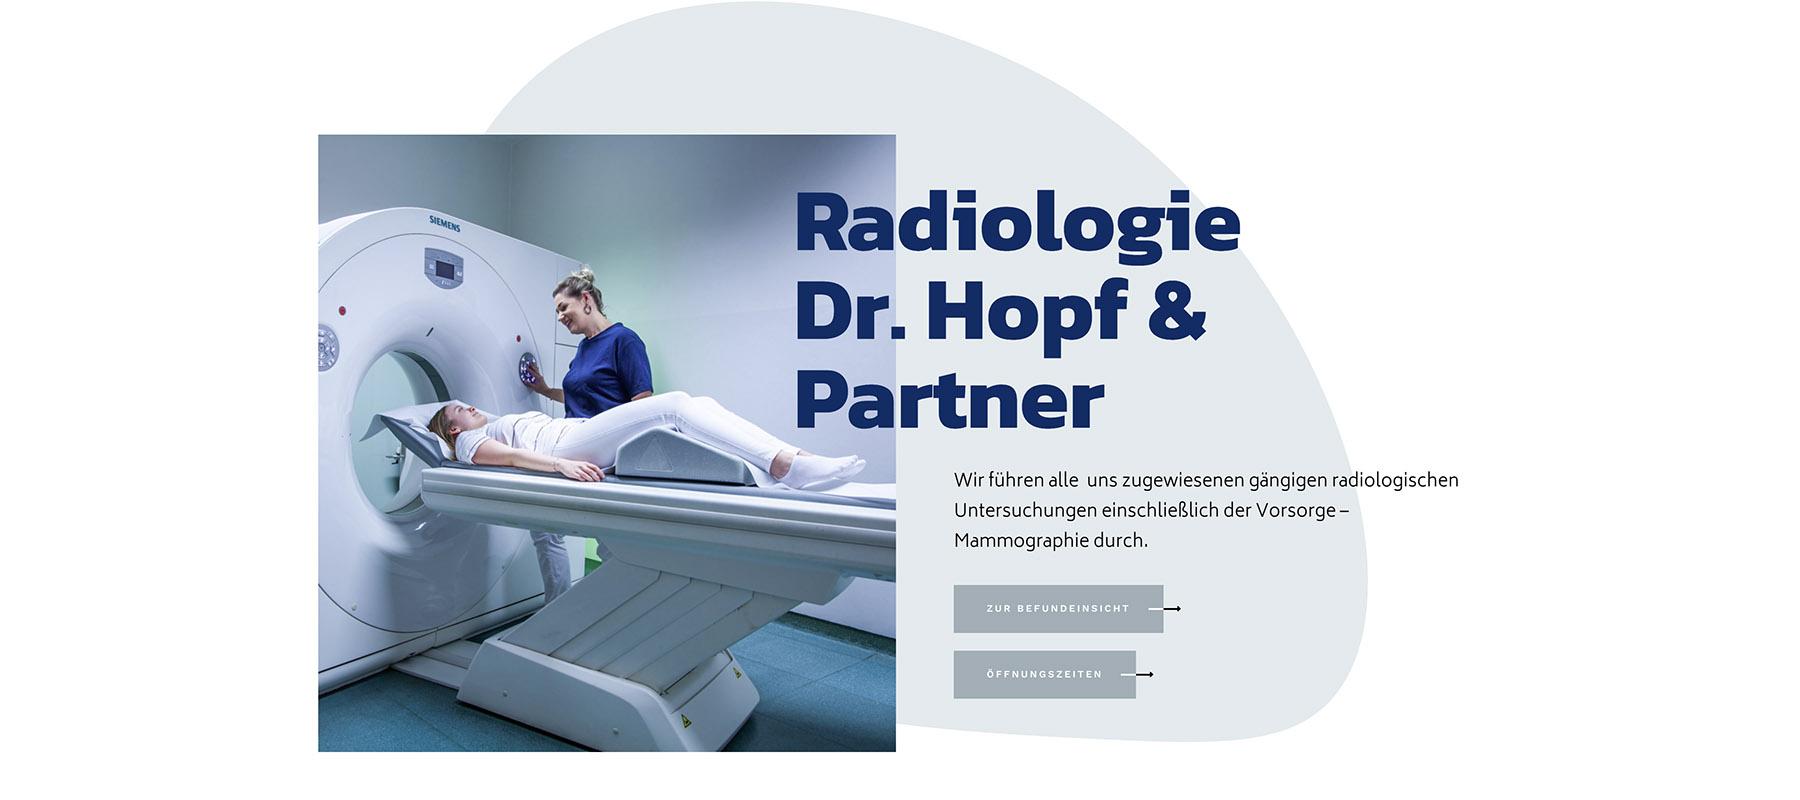 Dr. Hopf & Partner